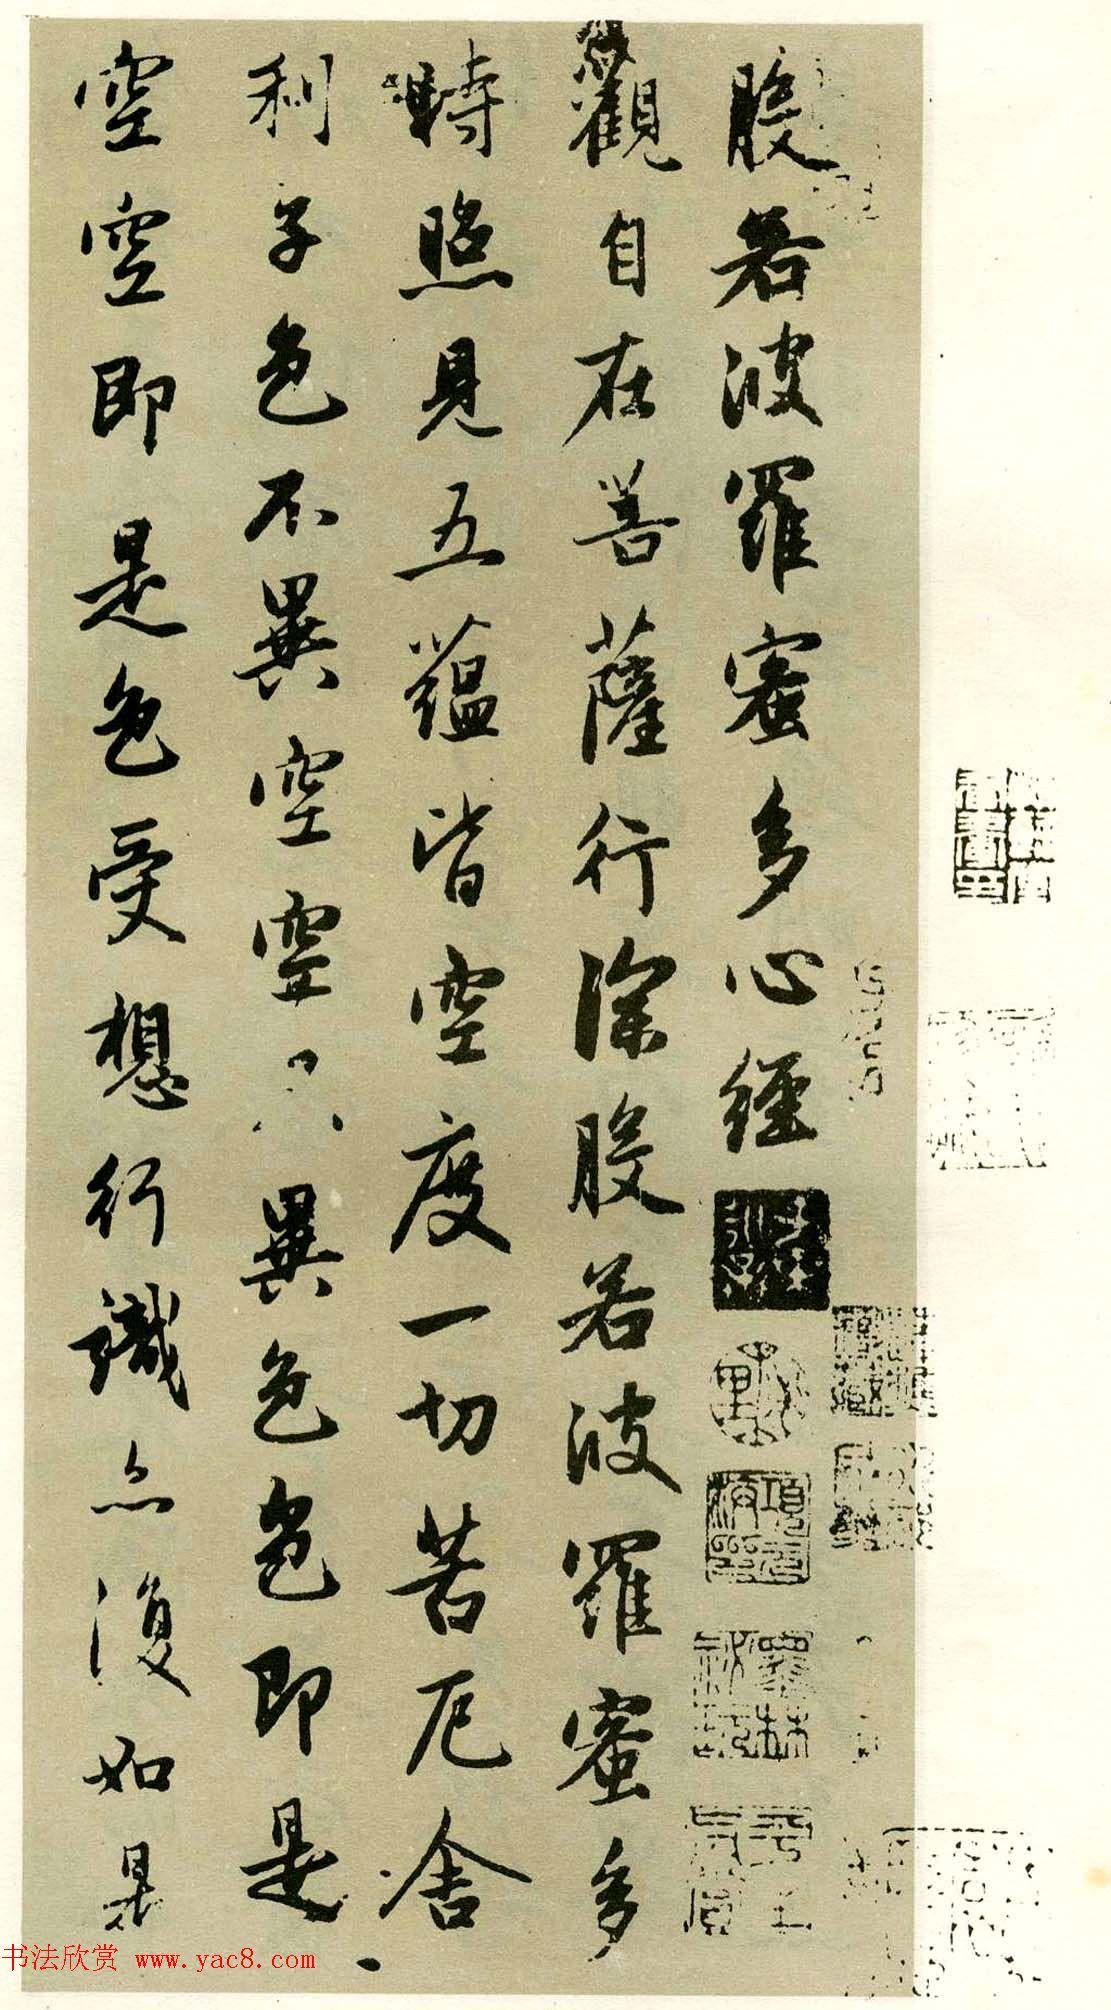 赵孟頫竖幅作品《松雪道人奉为日林和上书心经》